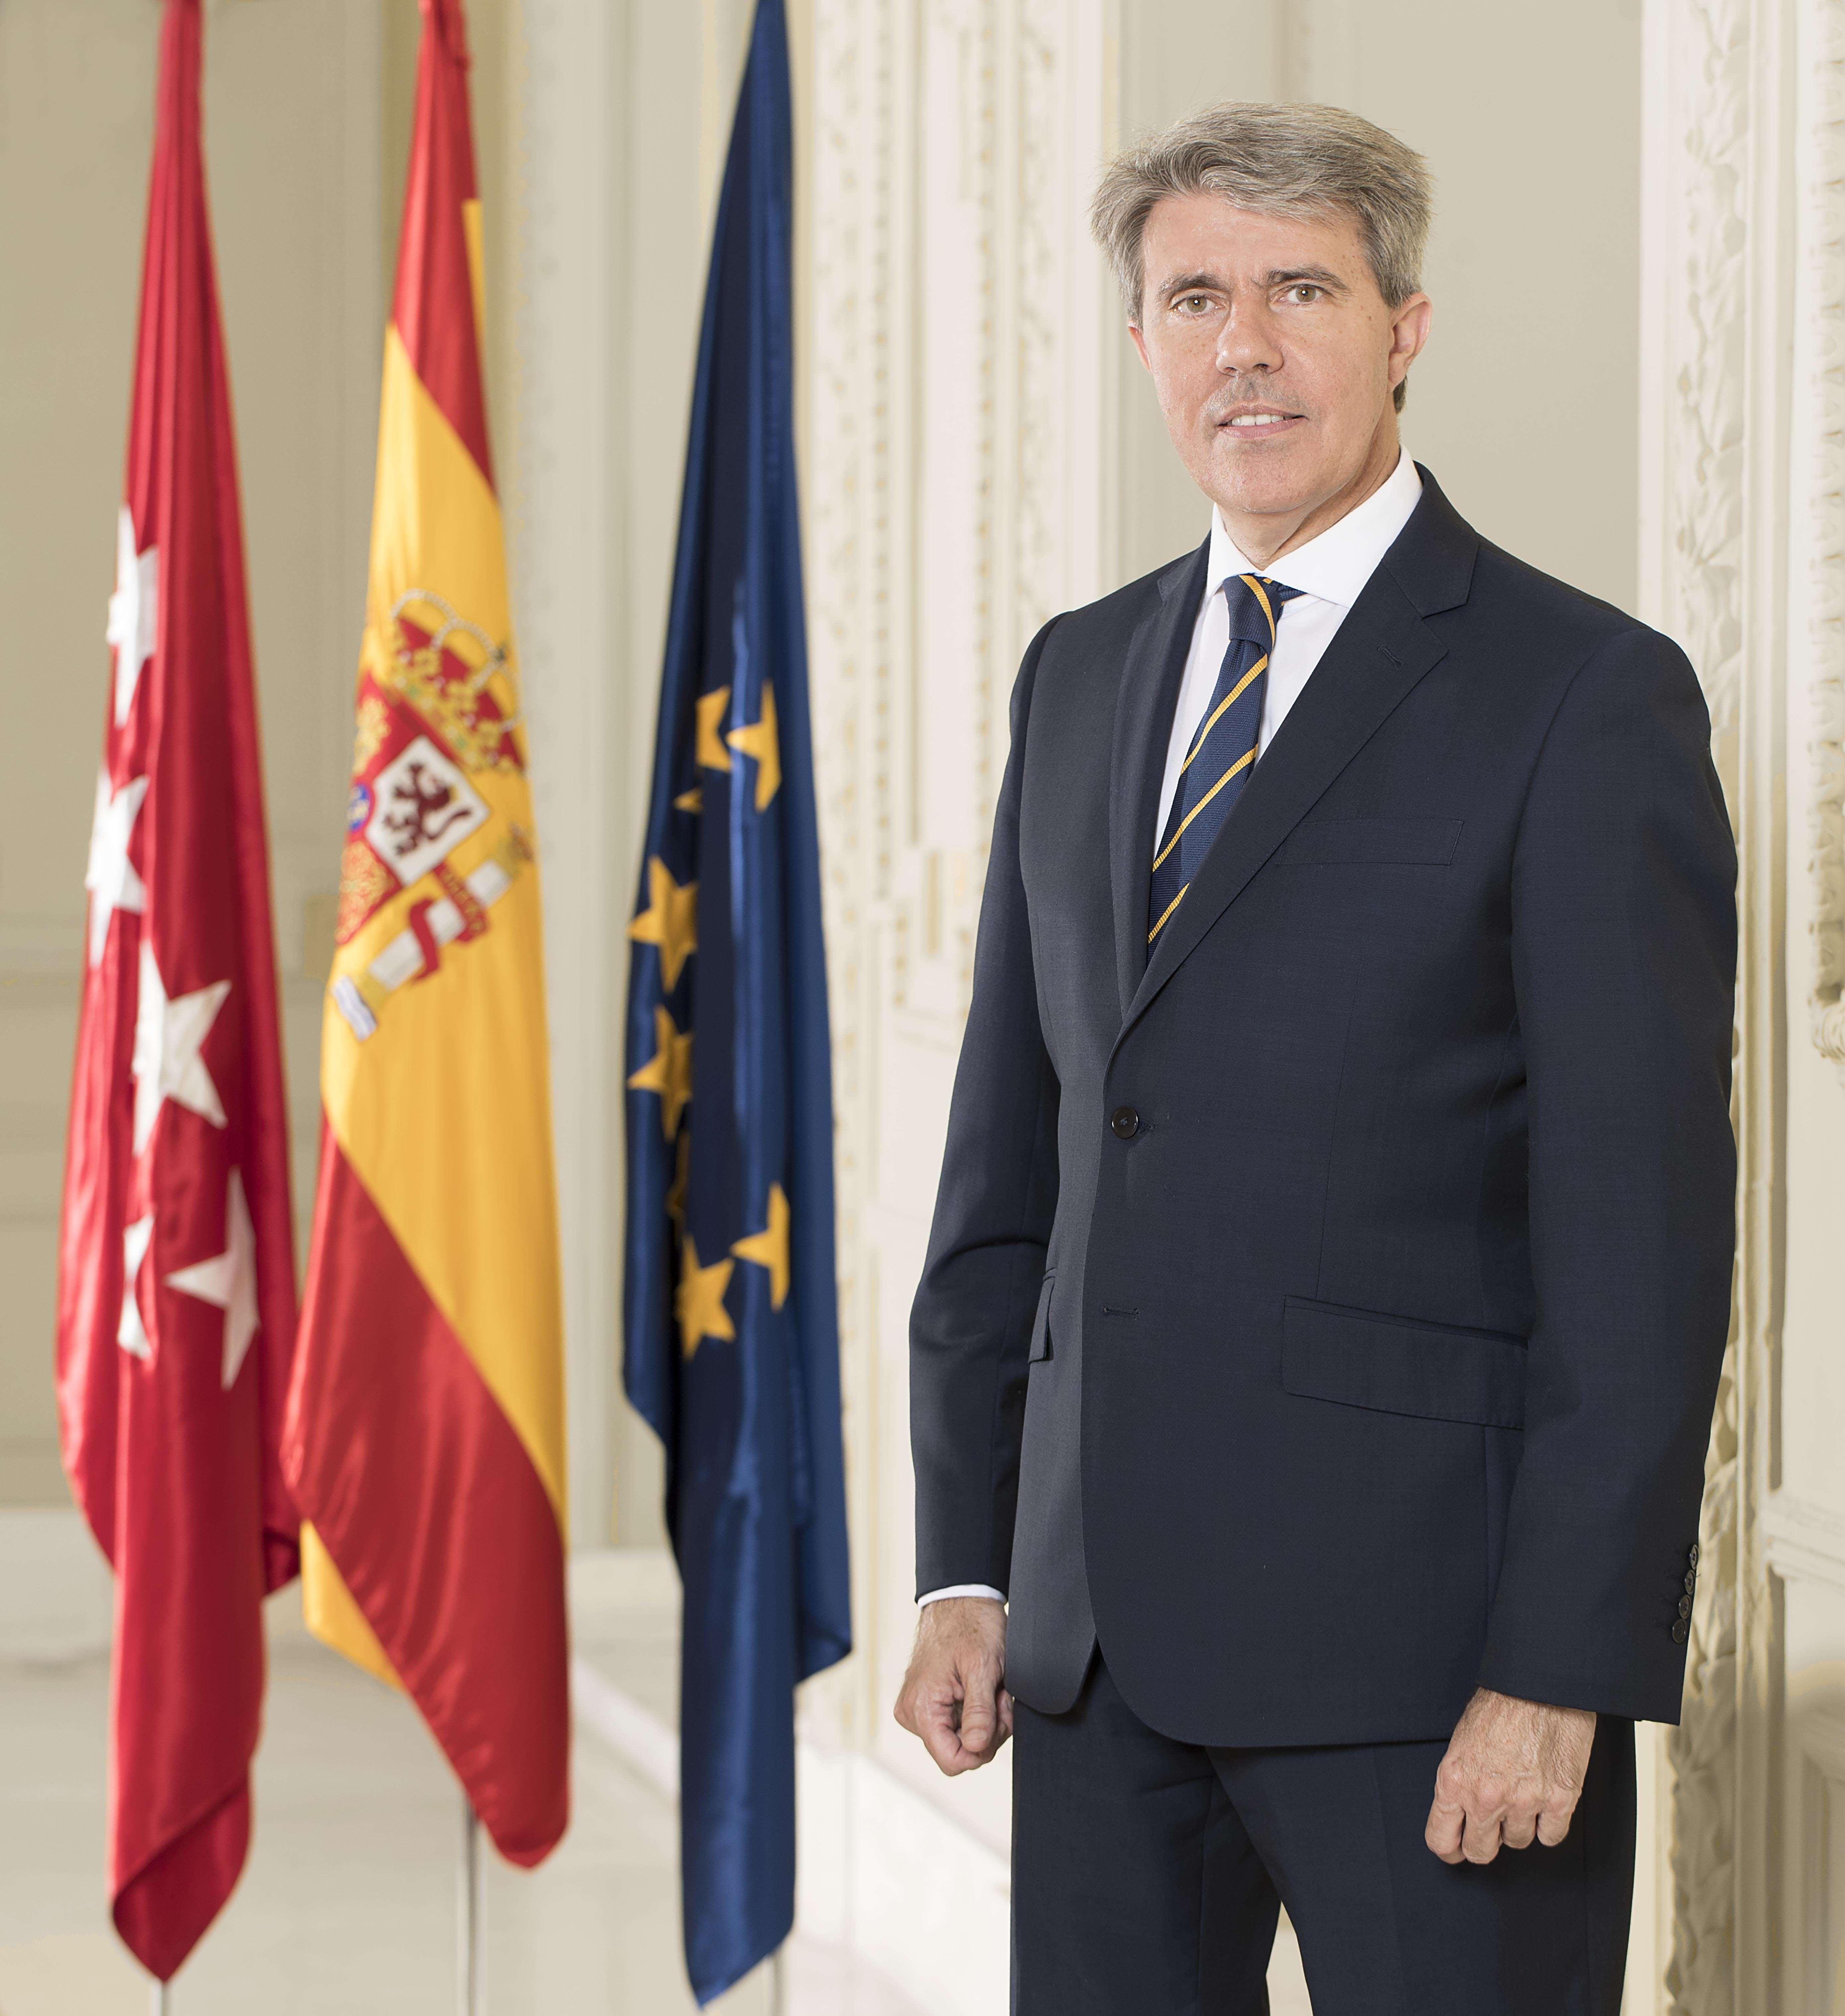 Ángel GARRIDO GARCÍA